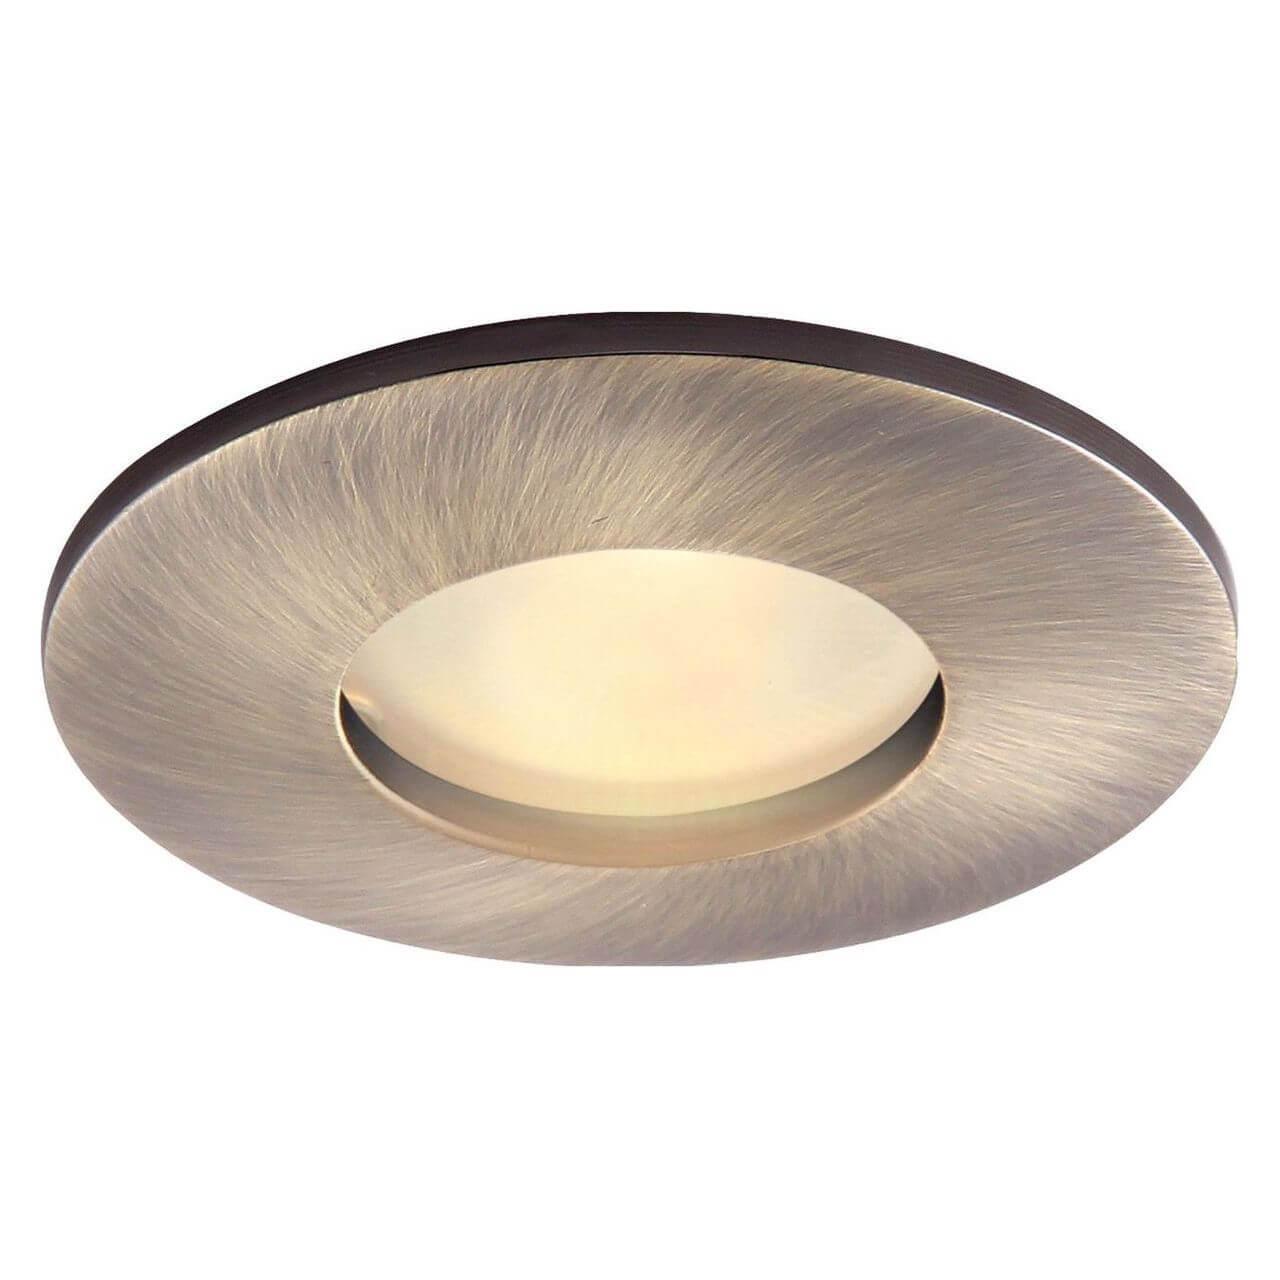 Встраиваемый светильник Arte Lamp A5440PL-1AB, GU10, 50 Вт